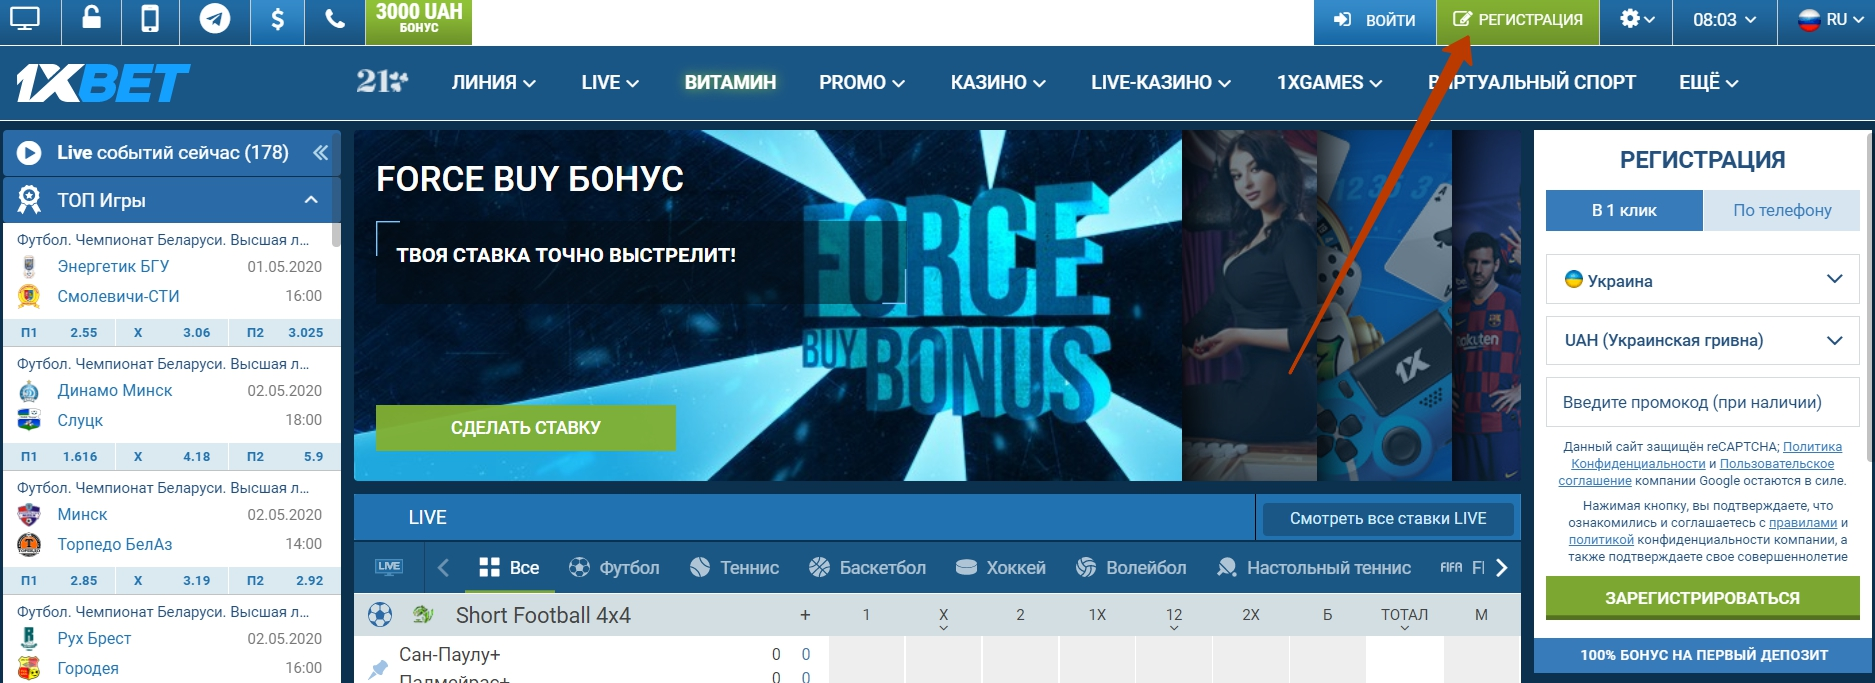 1xBet - официальный сайт и зеркало для ставок на спорт